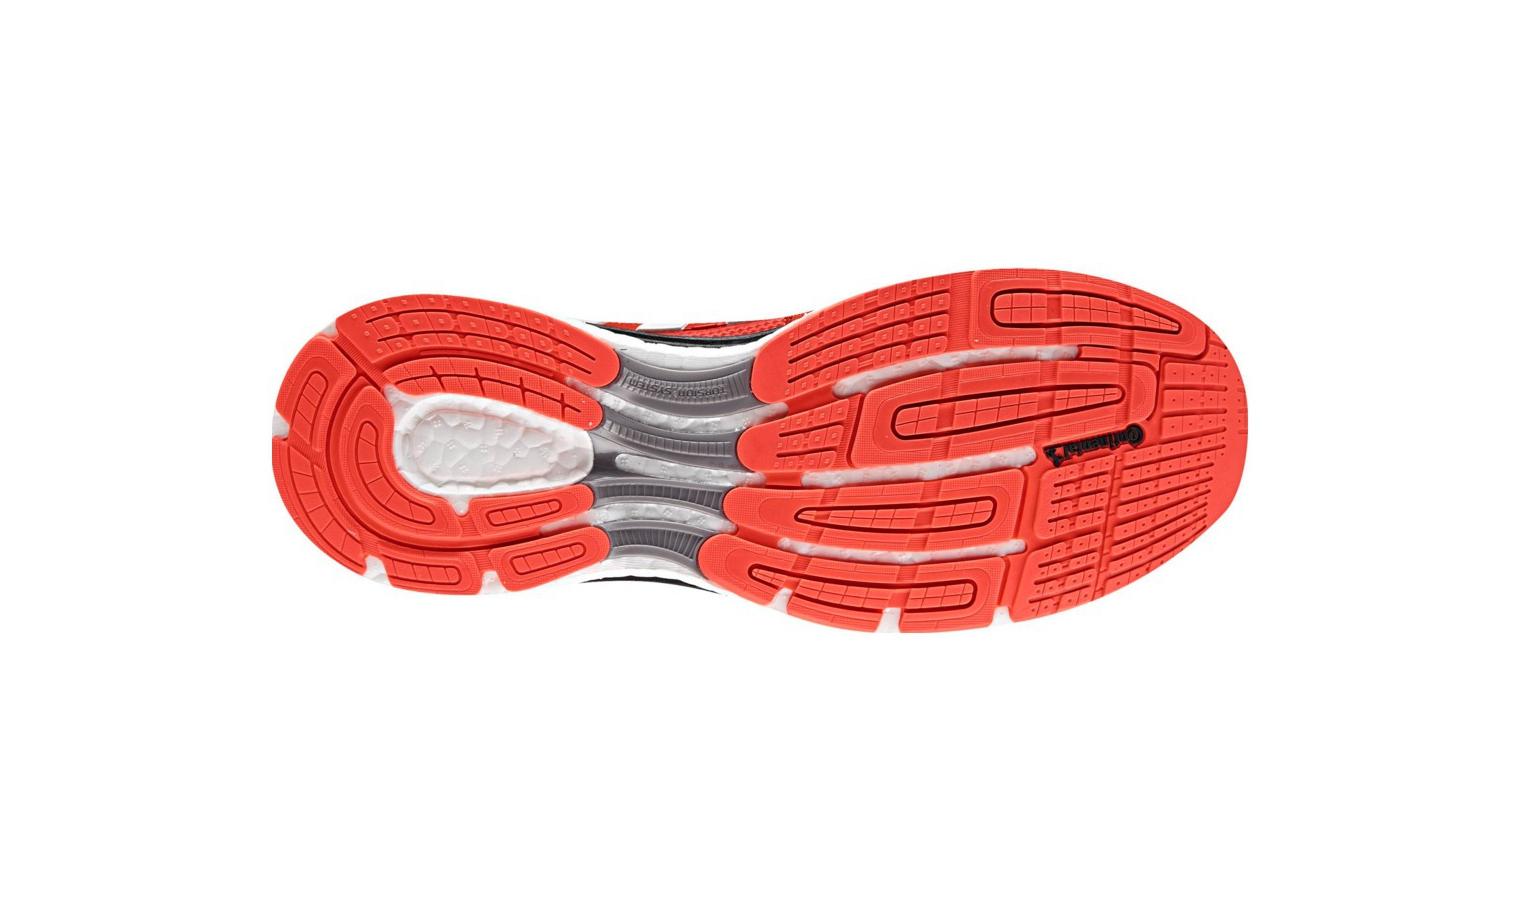 Pánske bežecké topánky adidas SUPERNOVA GLIDE 8 M červené  28149cb5a7b